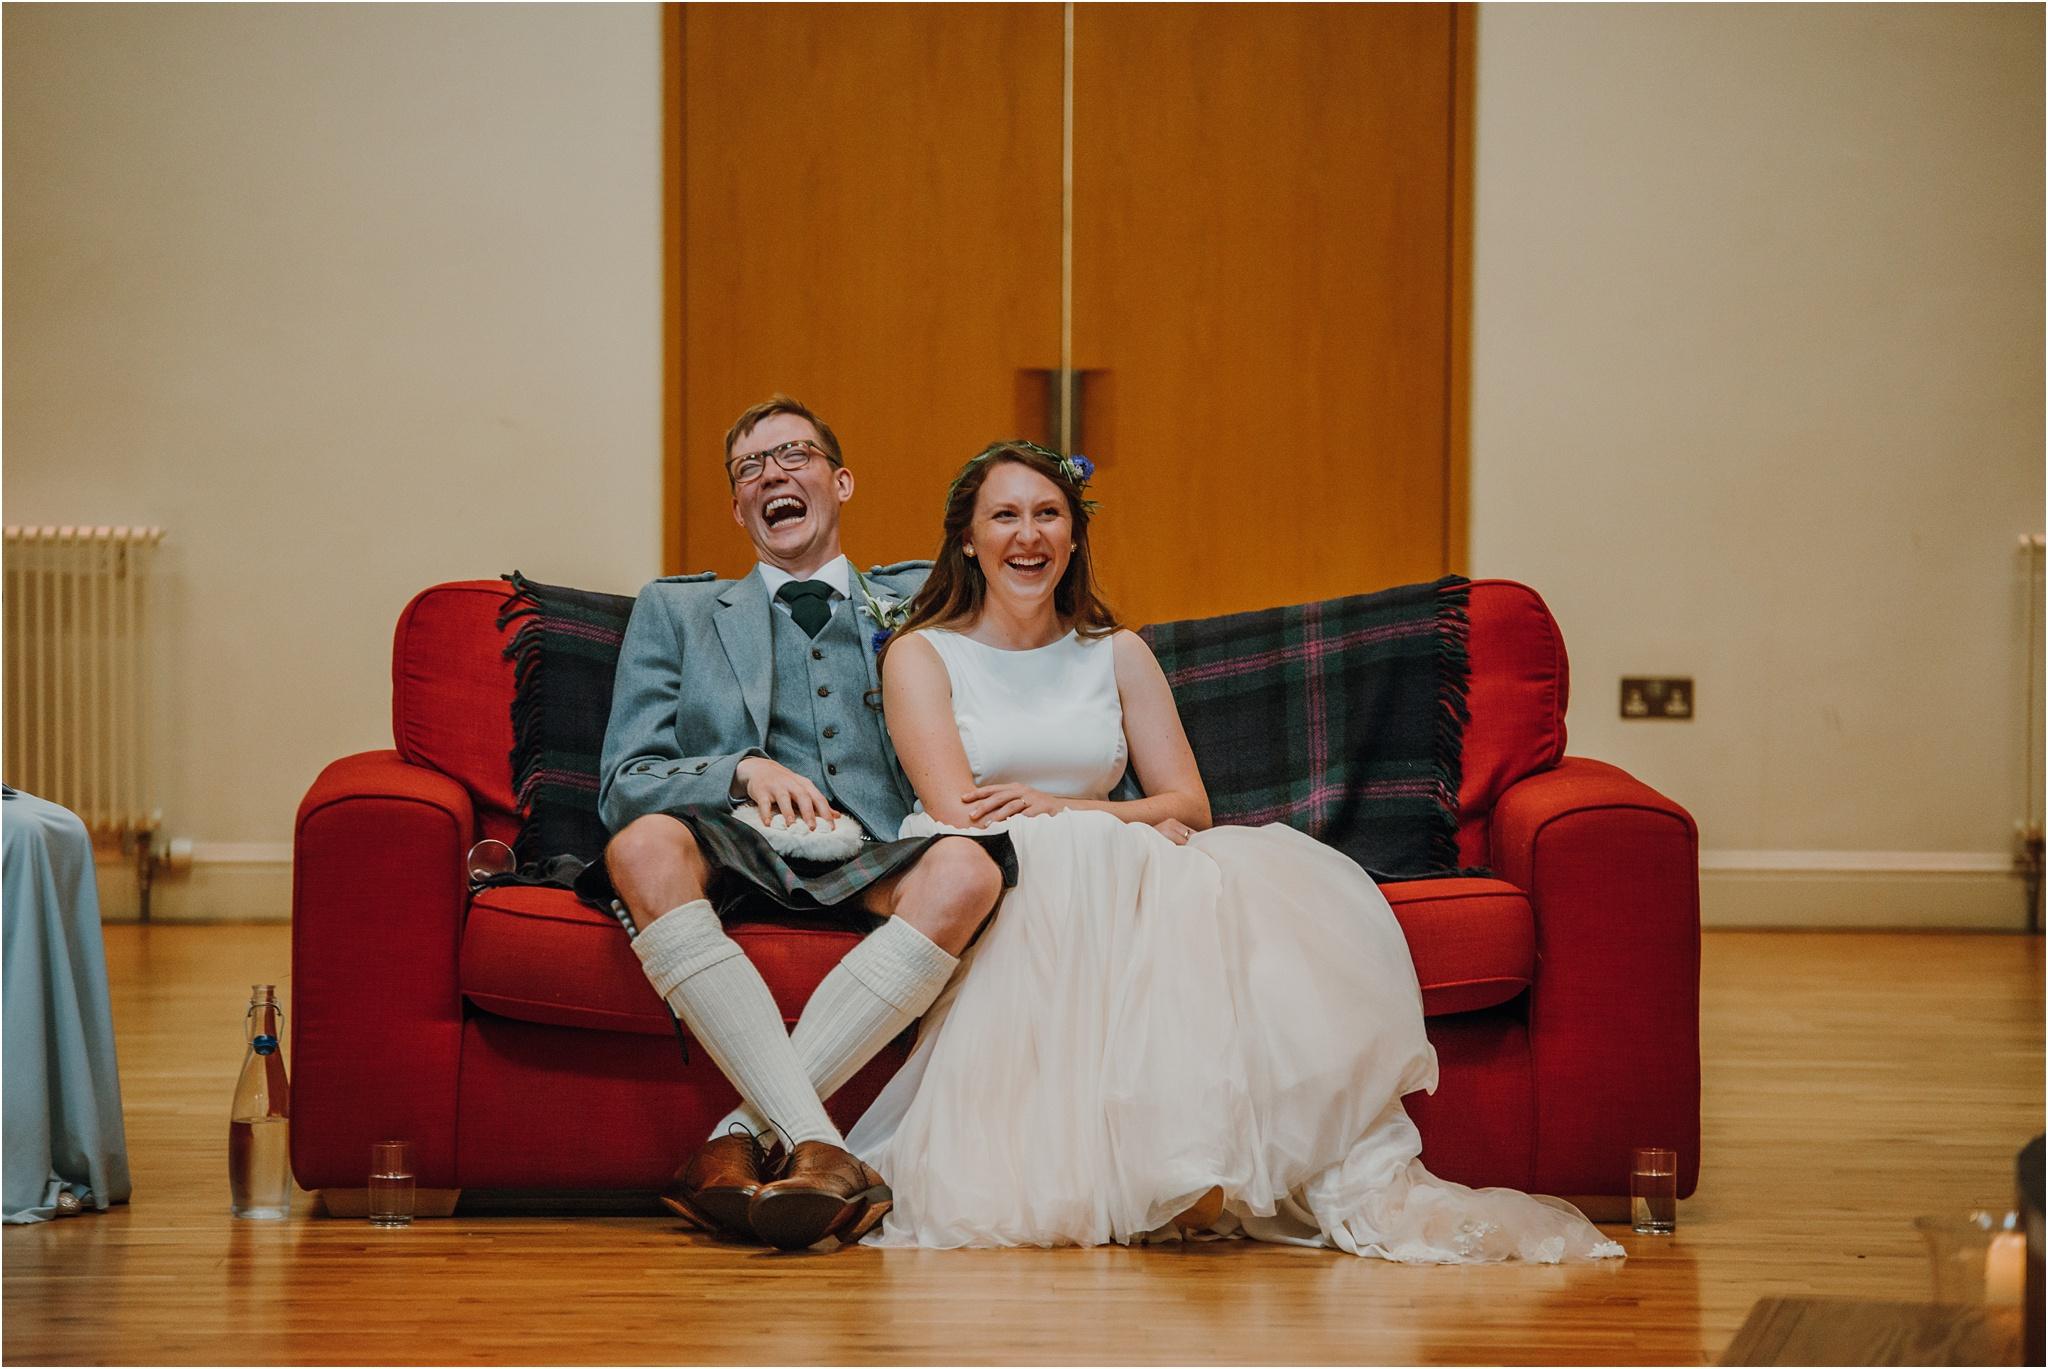 Edinburgh-barn-wedding-photographer_45.jpg